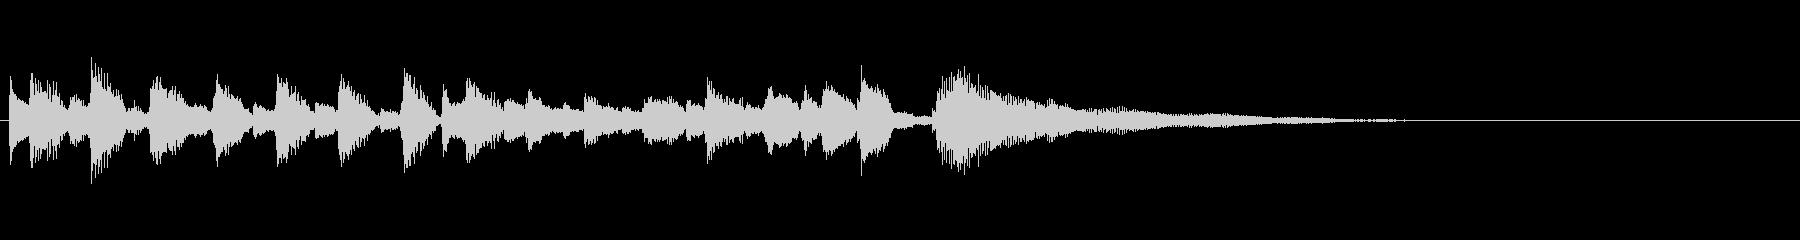 軽快なアコースティックギターサウンドの未再生の波形